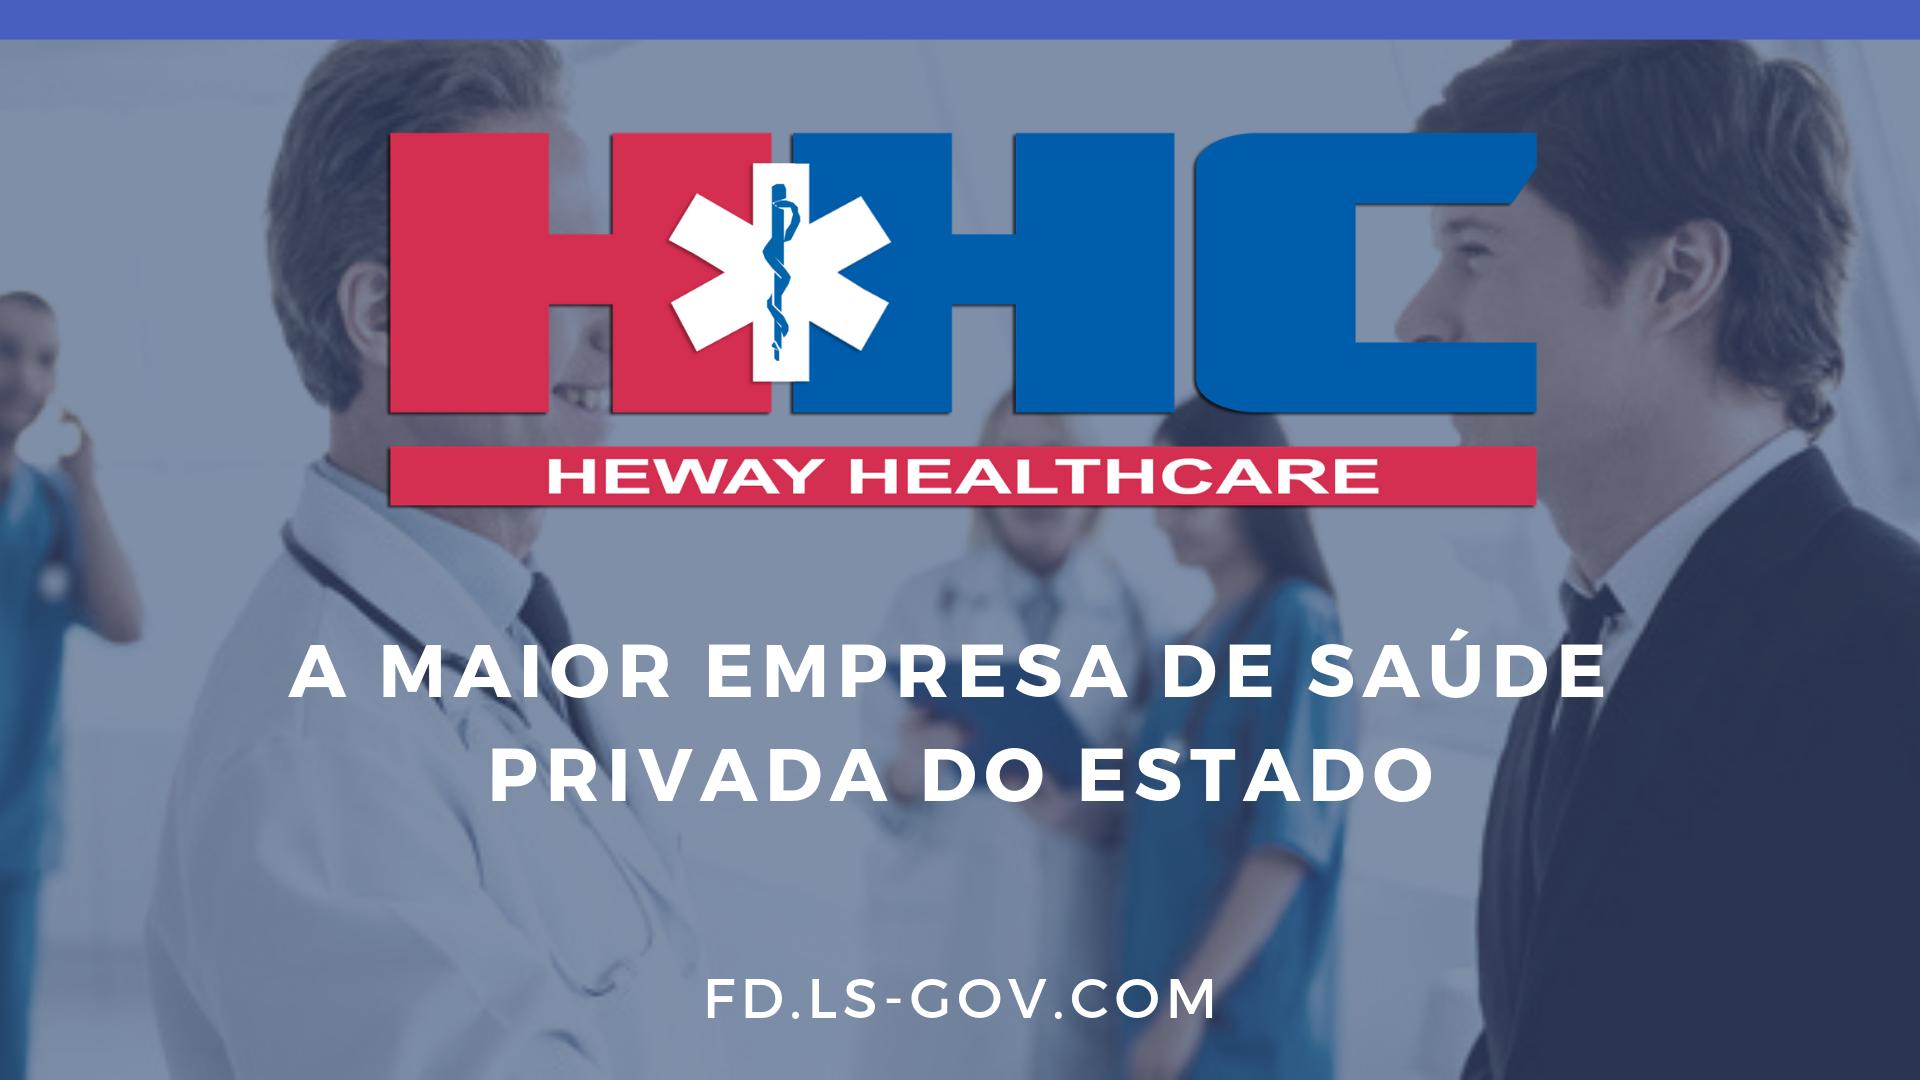 Sobre a HeWay Healthcare 1